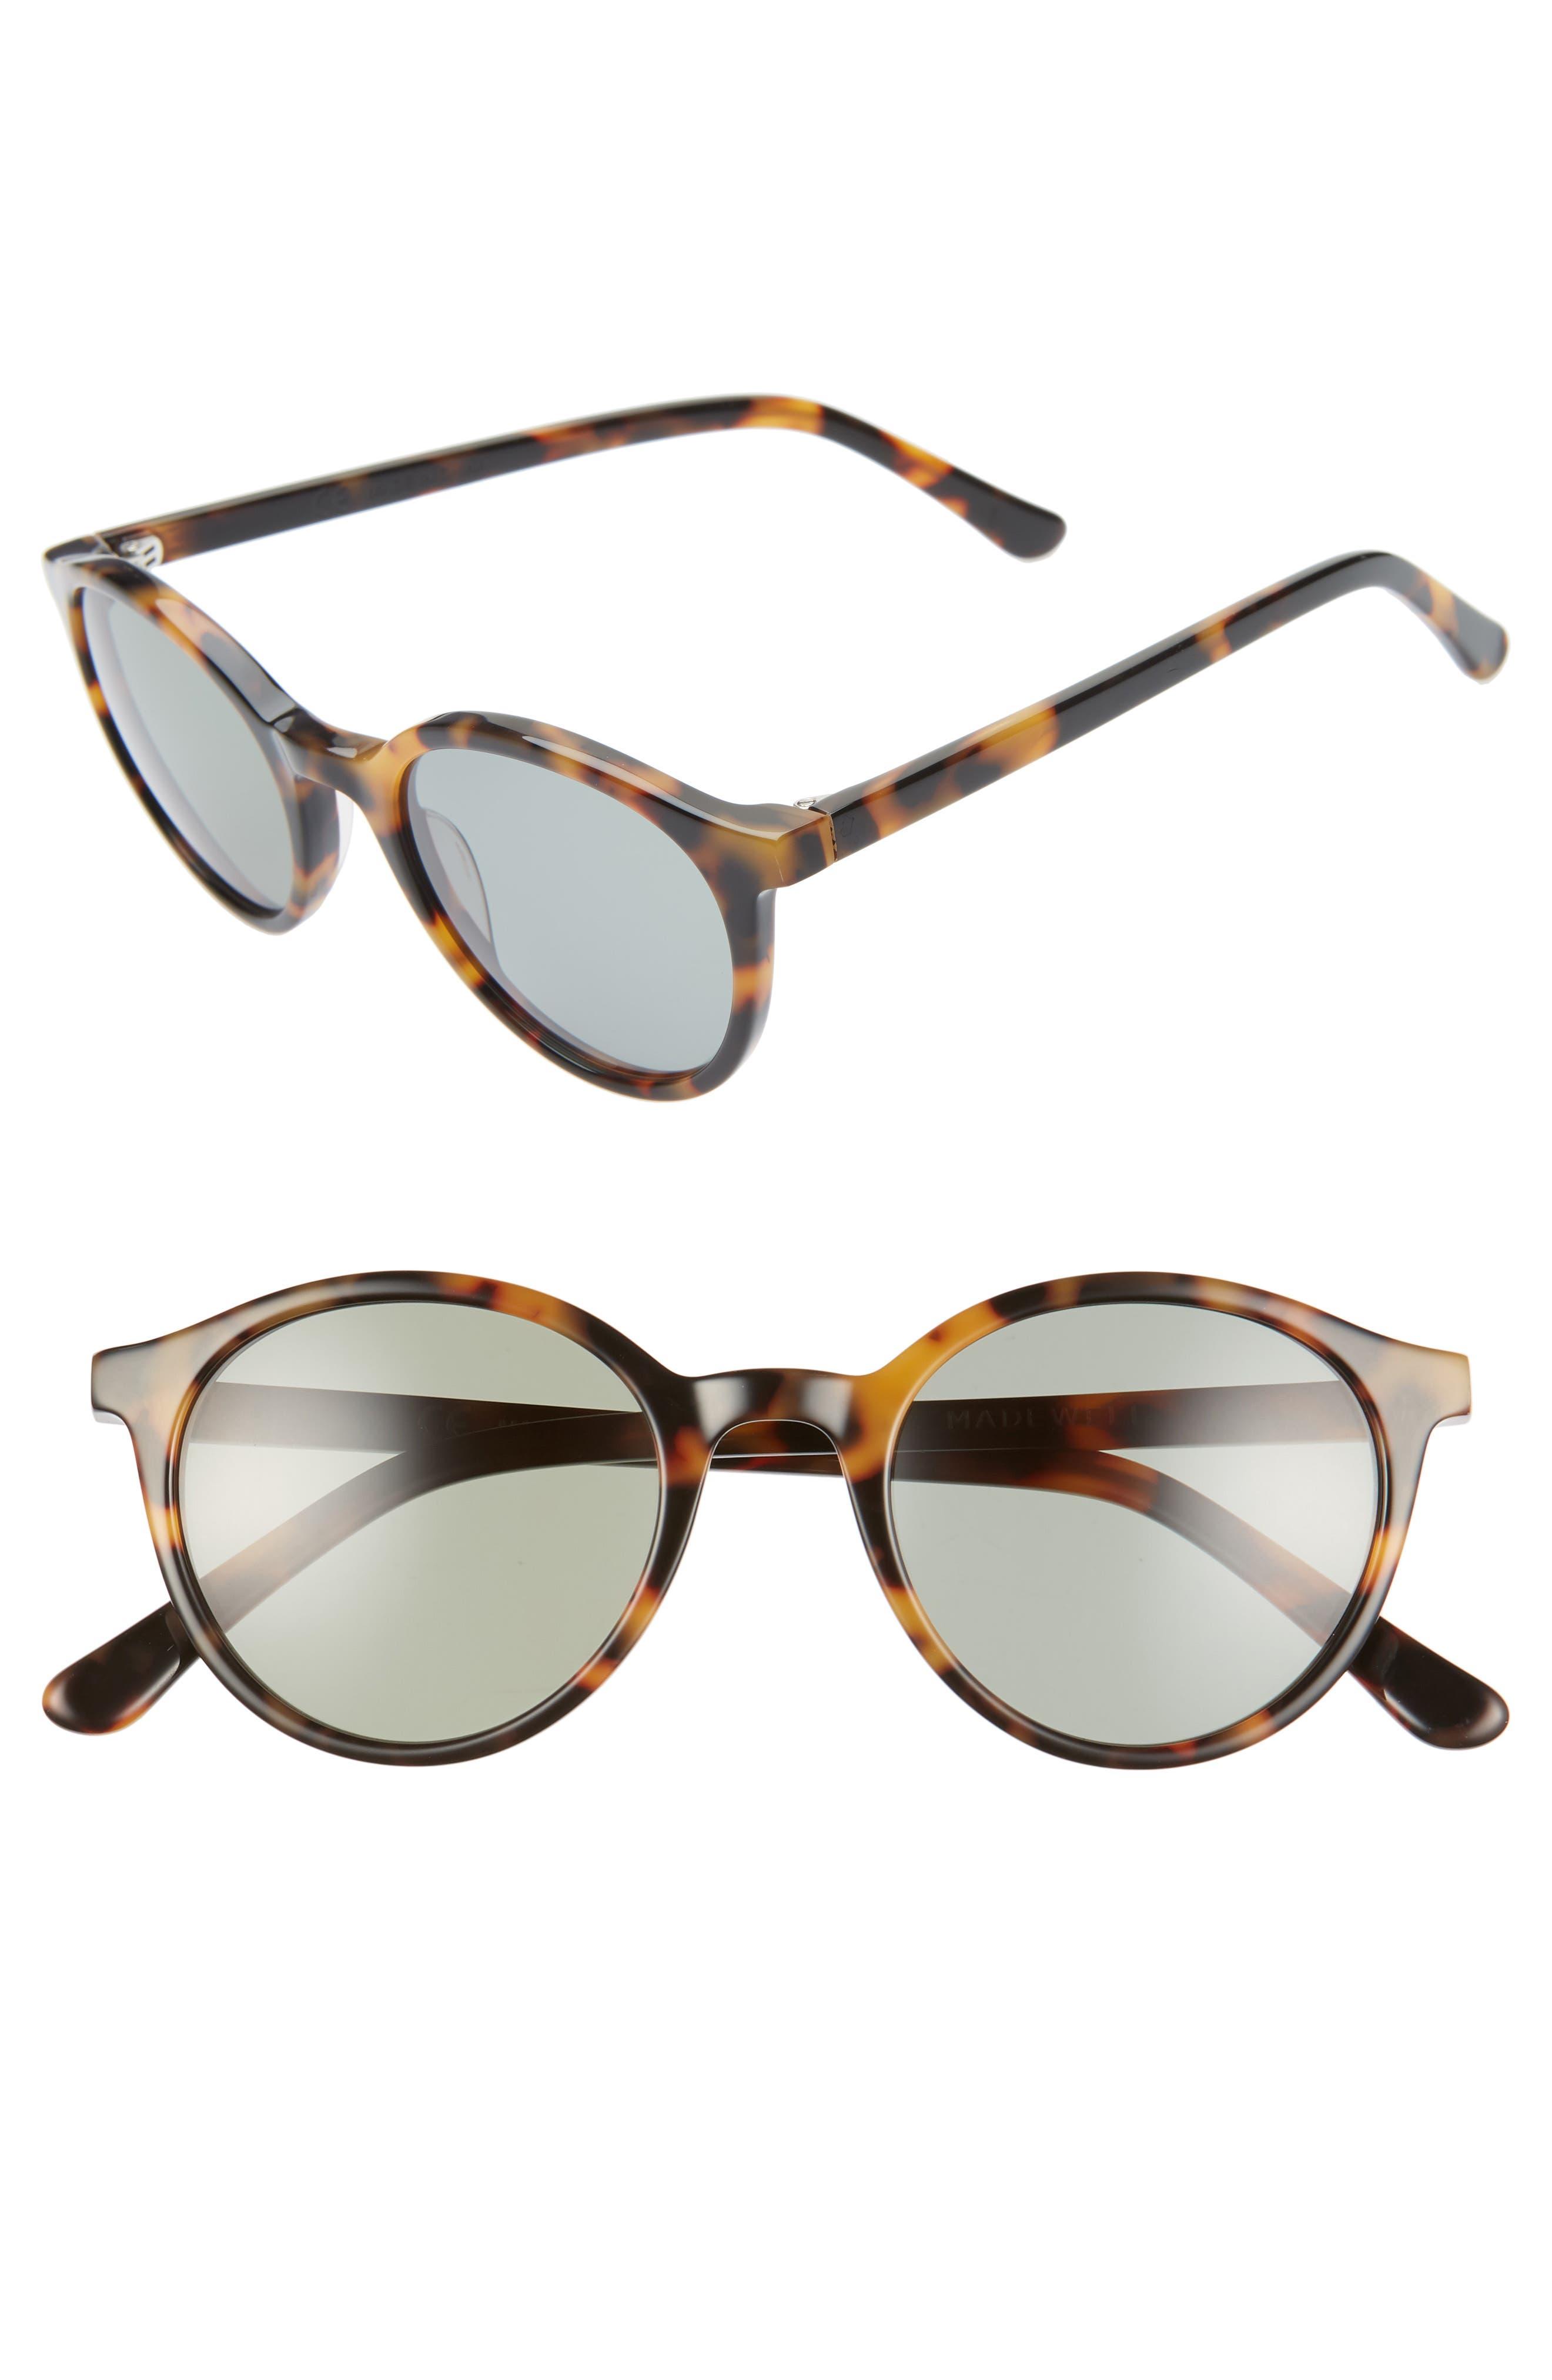 Madewell Layton 4m Round Sunglasses - Tortoise